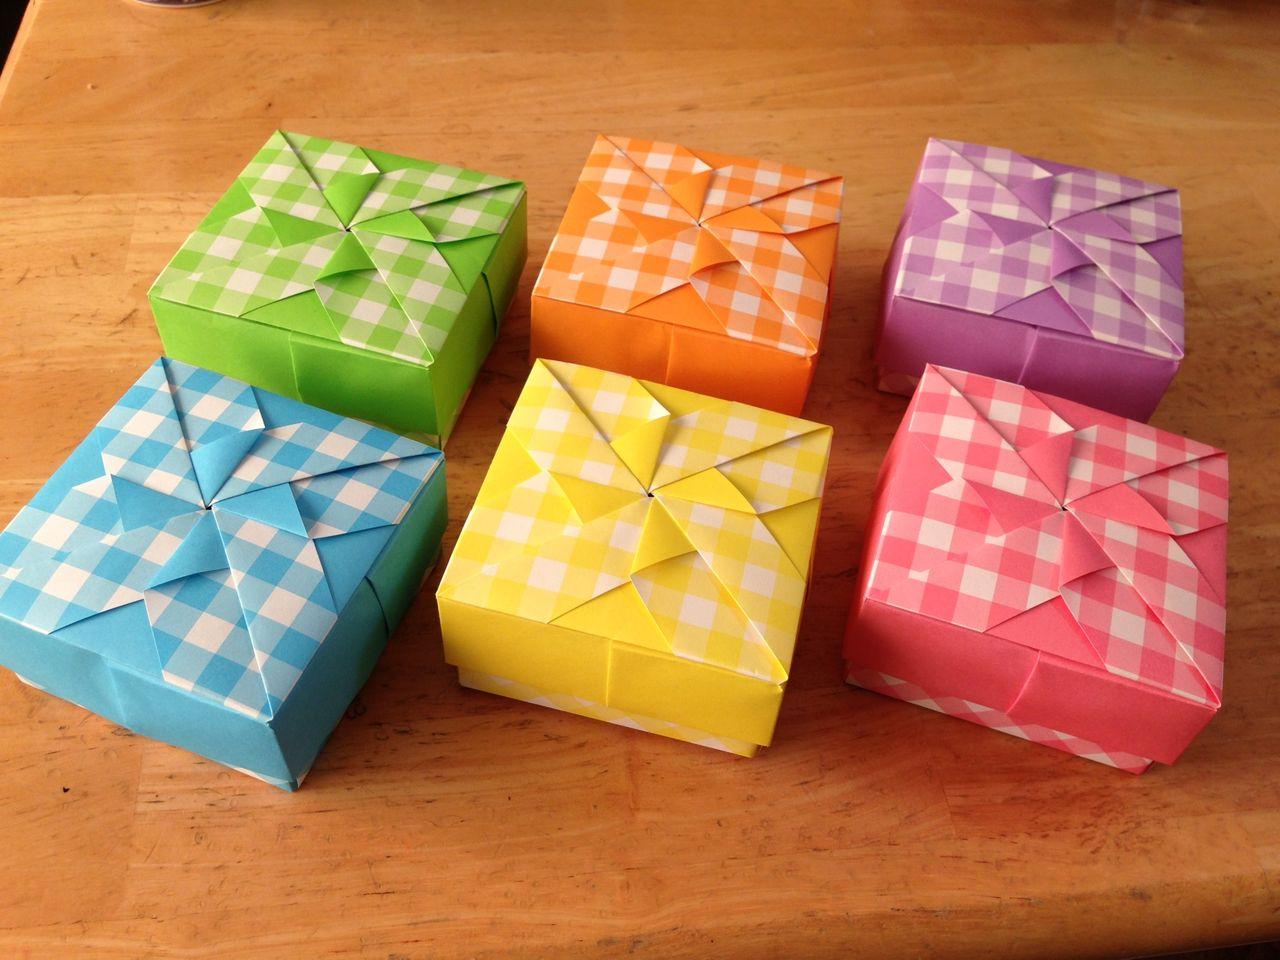 すべての折り紙 折り紙 風車 作り方 : ... 四角箱 市松風車Aの色がわり